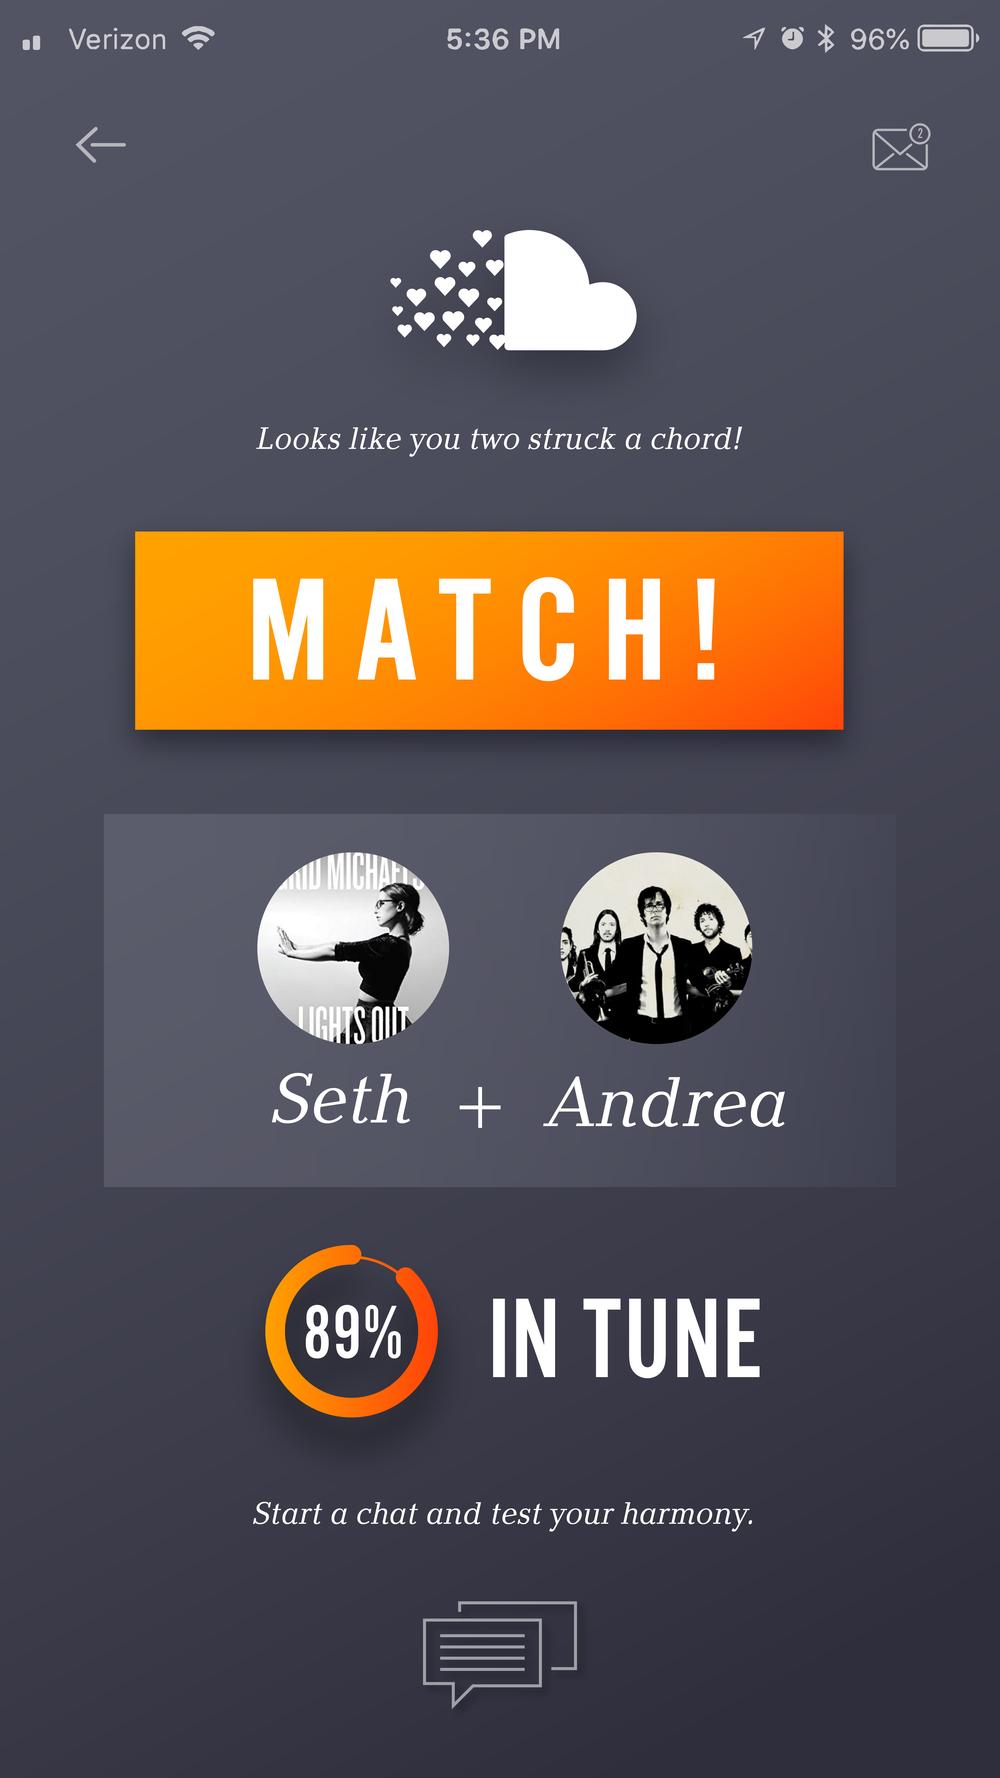 Match_Seth-08.png